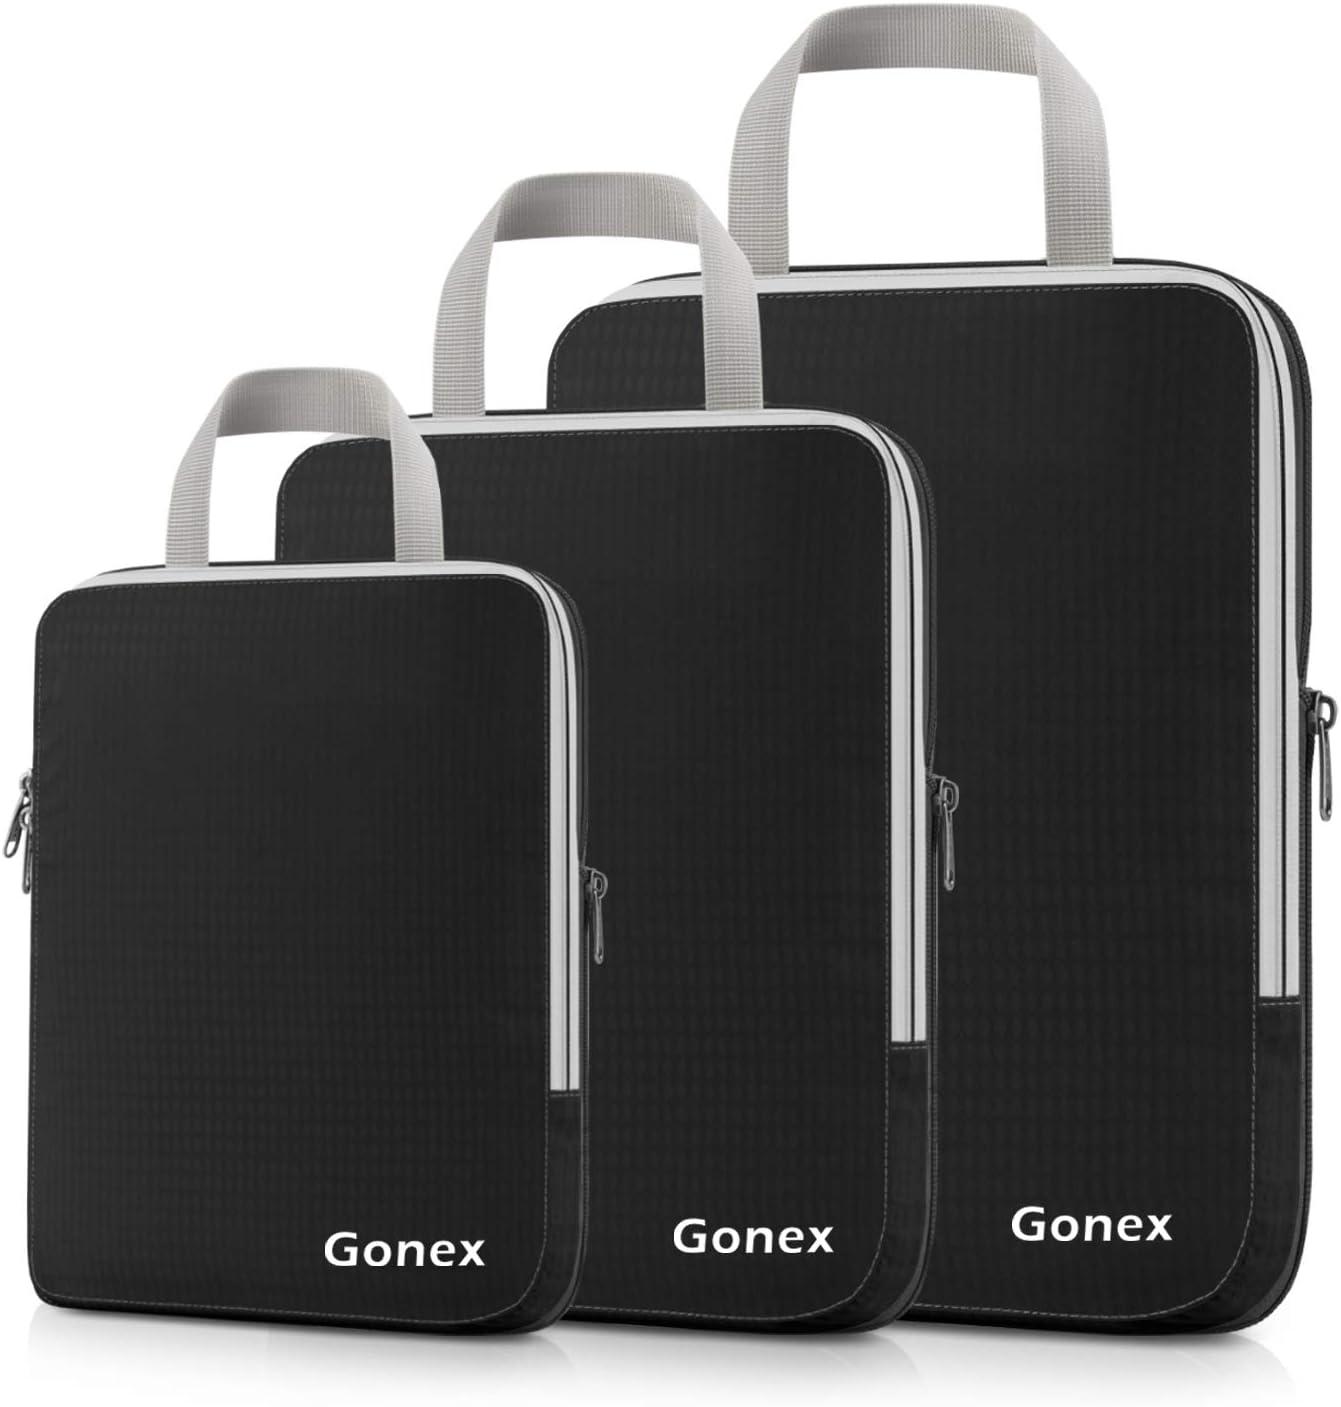 Gonex Compression Packing Cubes,3pcs L+M+S Expandable StorageTravel Bags Luggage Organizers(Black)